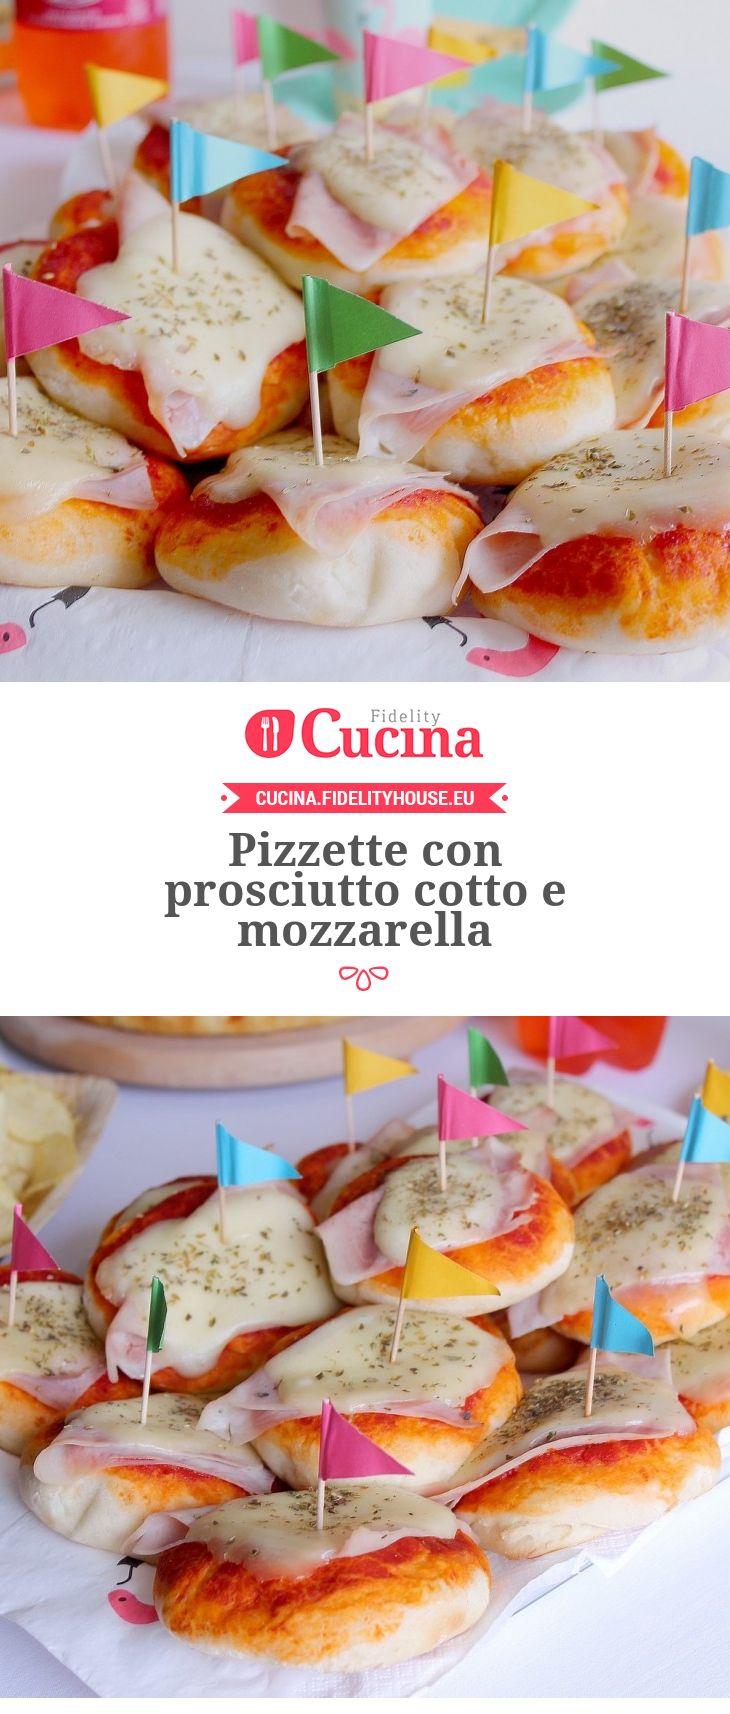 Pizzette con prosciutto cotto e mozzarella